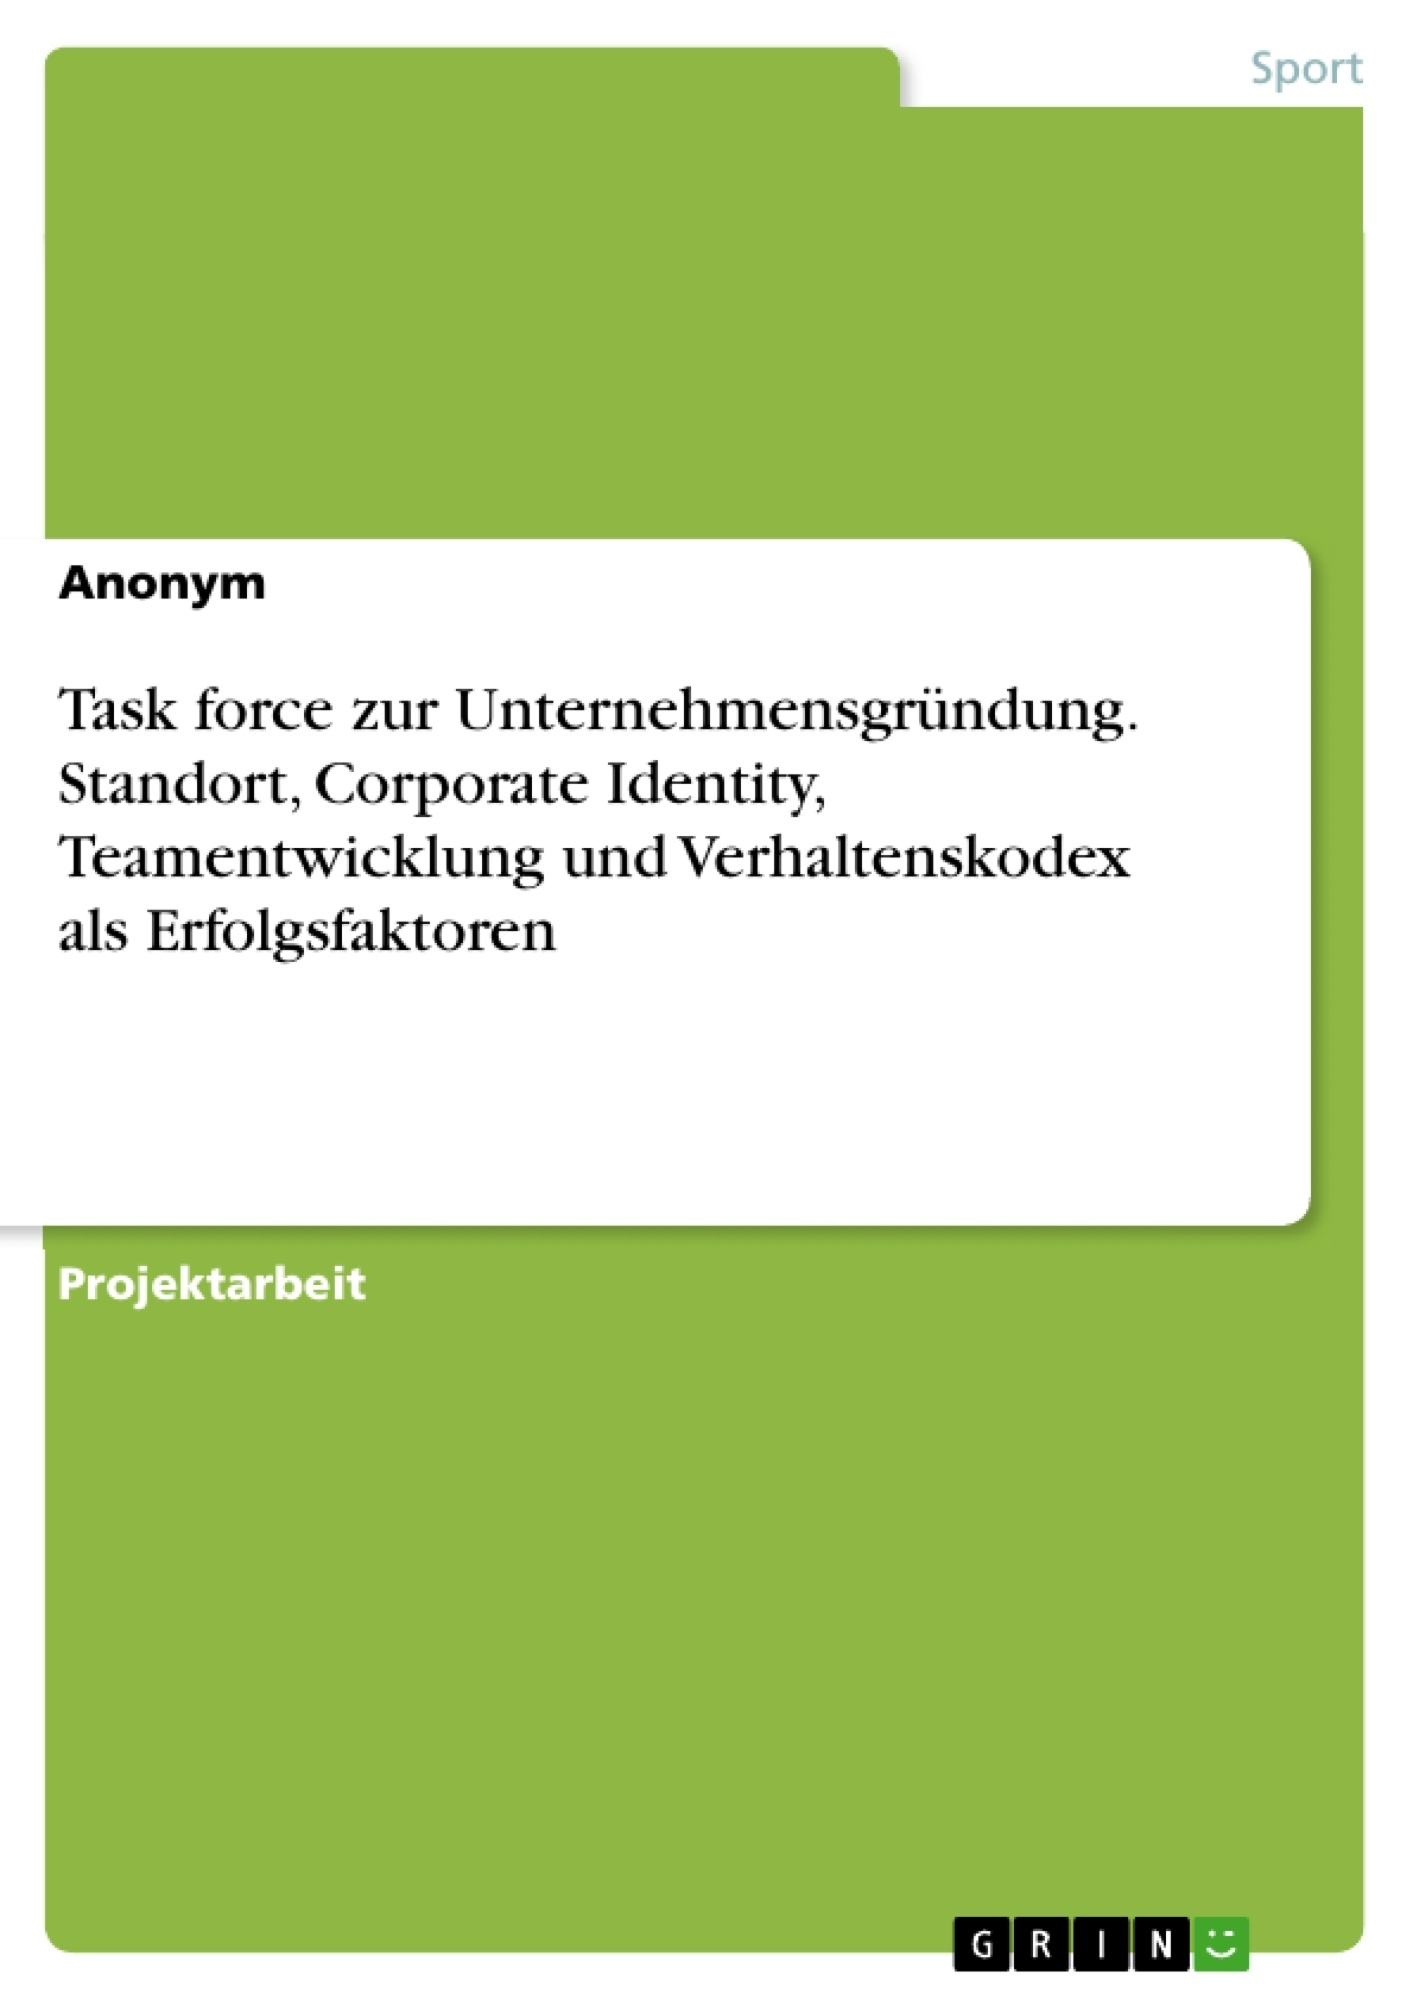 Titel: Task force zur Unternehmensgründung. Standort, Corporate Identity, Teamentwicklung und Verhaltenskodex als Erfolgsfaktoren